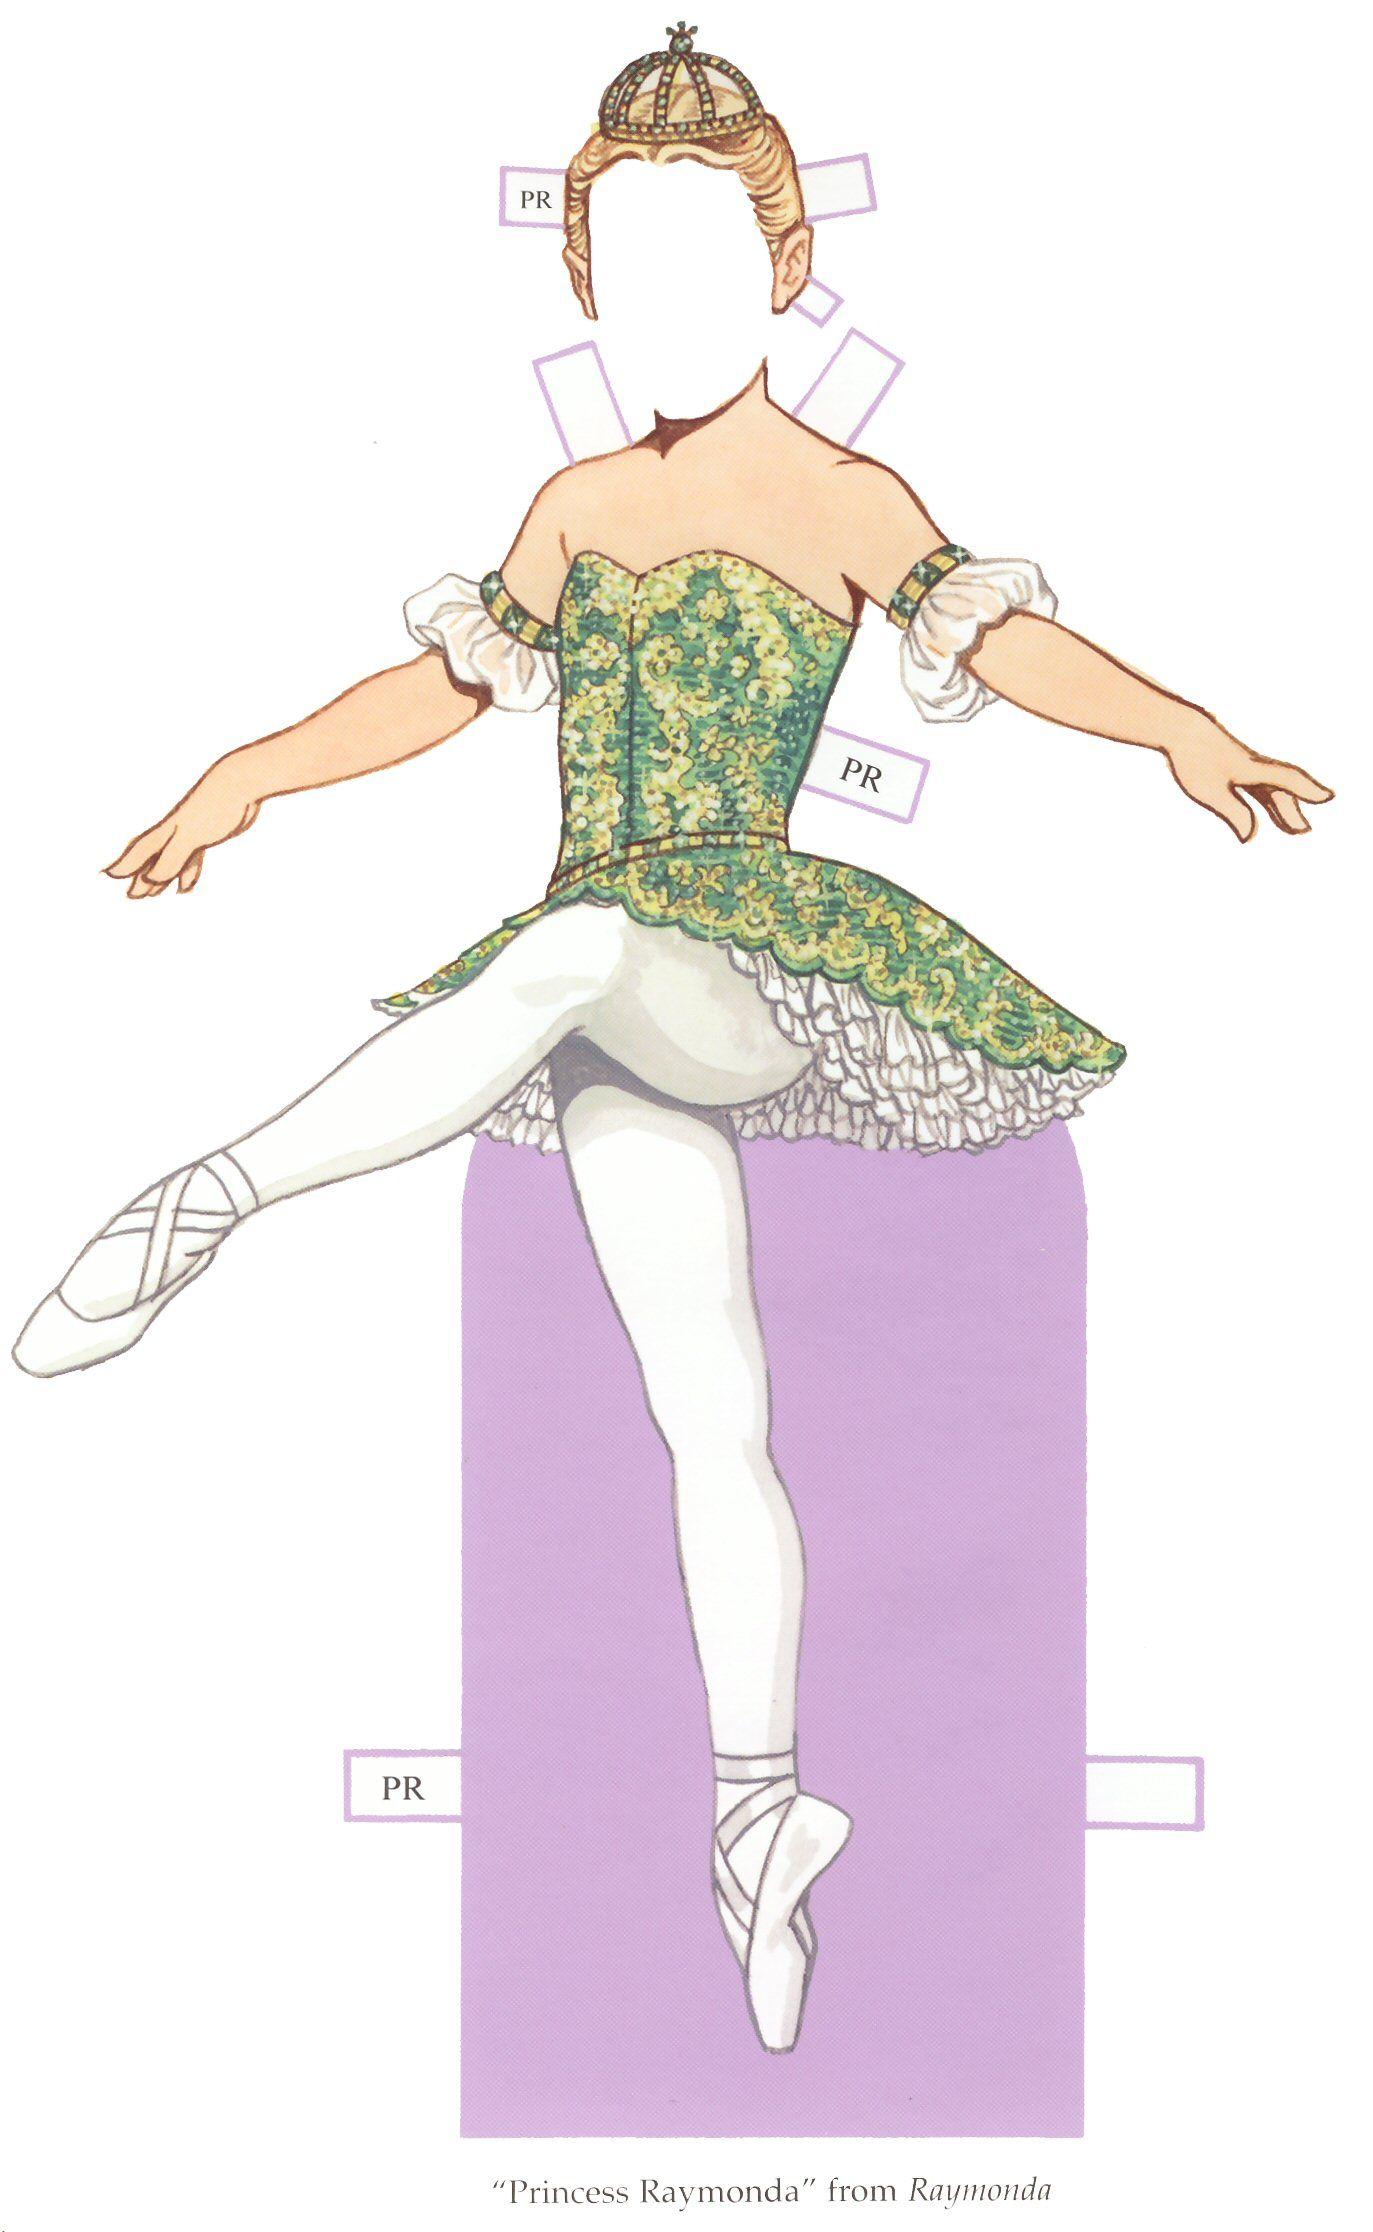 ballet princesses 4 tom tierney paper dolls paper dolls paper dolls printable dolls. Black Bedroom Furniture Sets. Home Design Ideas